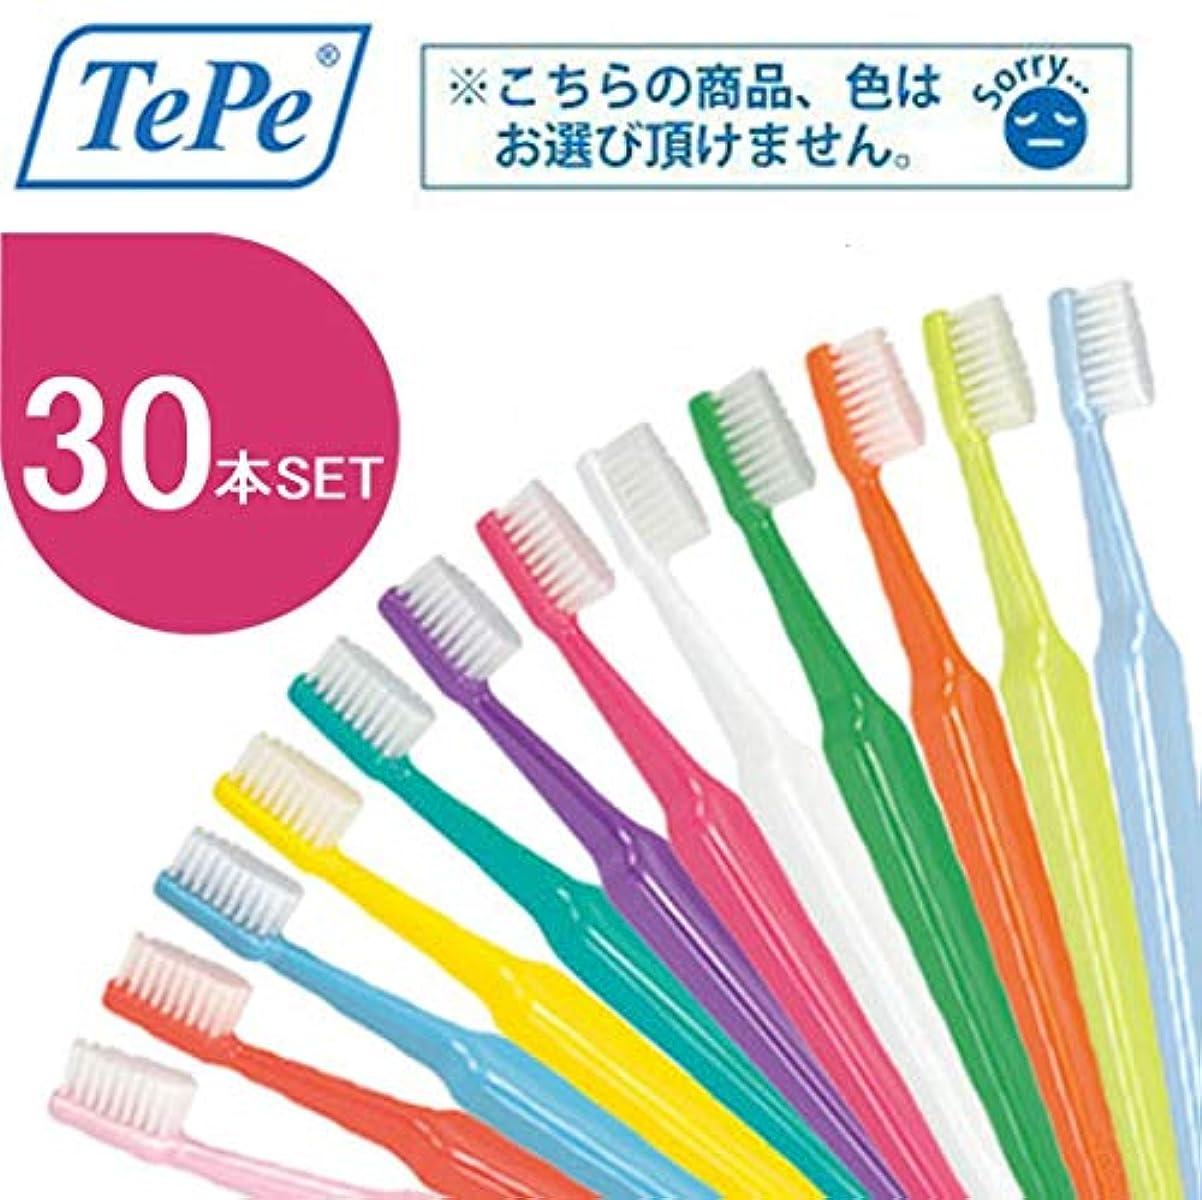 低い面ハグクロスフィールド TePe テペ セレクト 歯ブラシ 30本 (エクストラソフト)